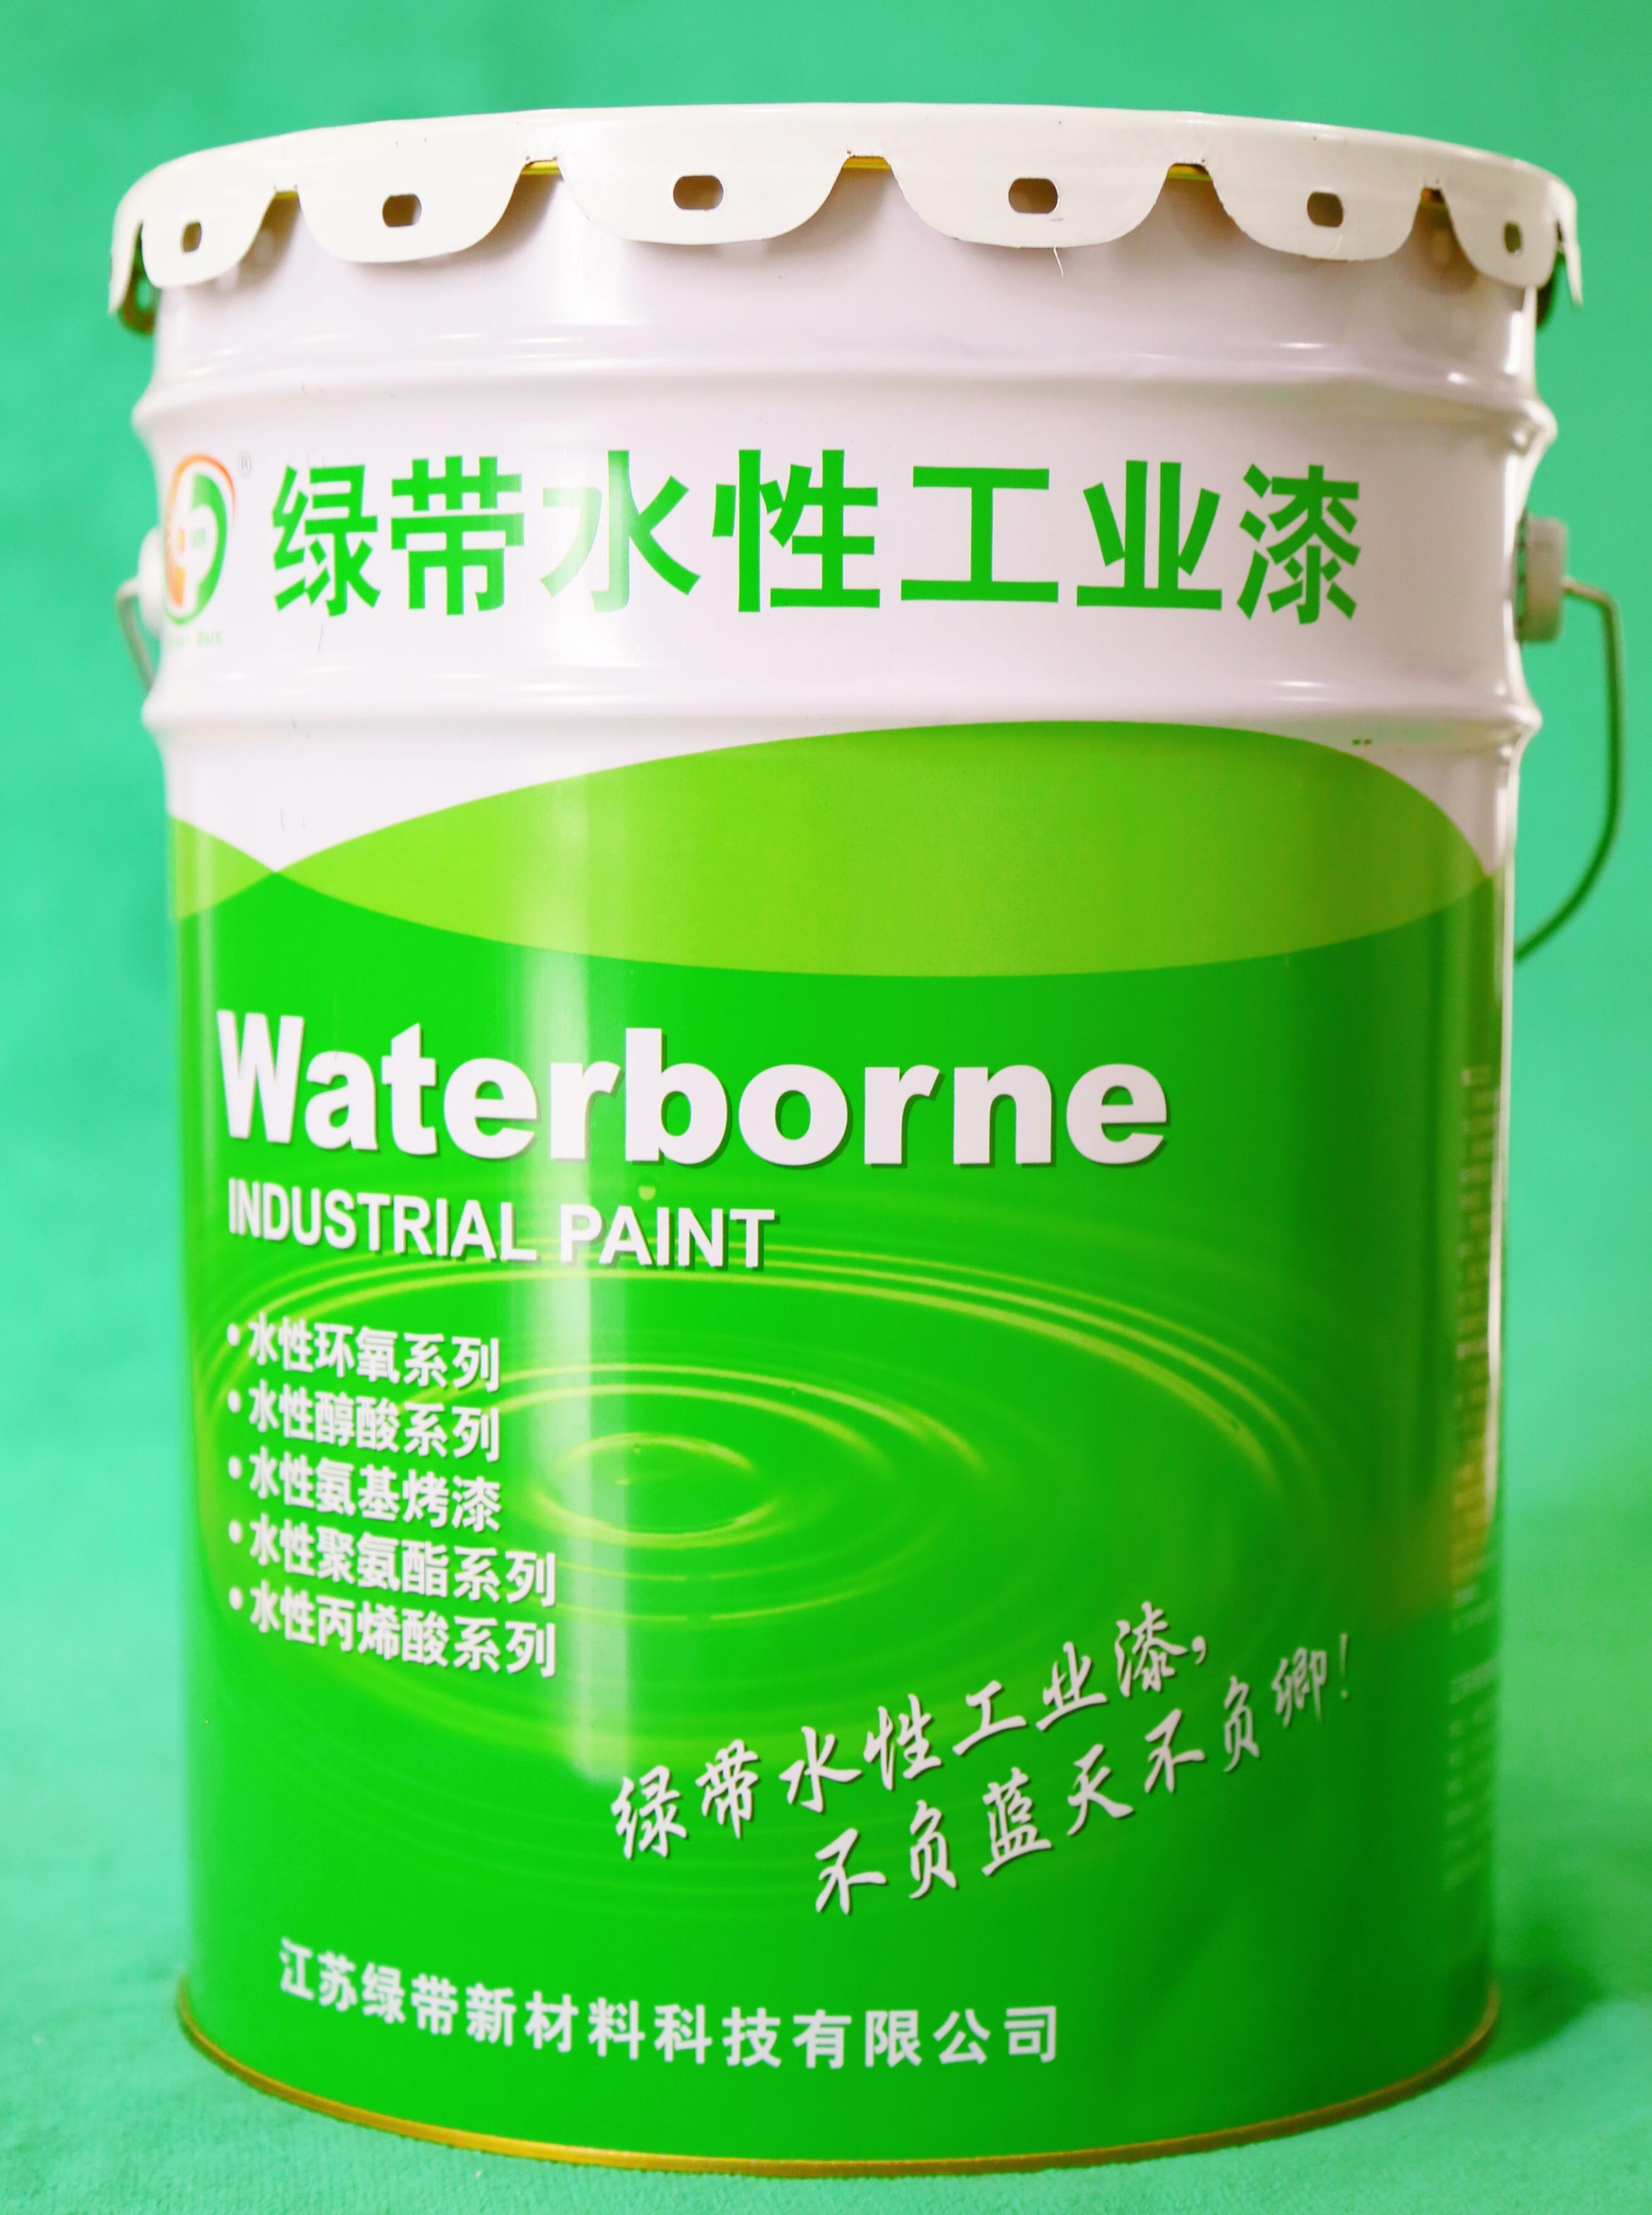 水性丙烯酸底面合一漆水性丙烯酸底面合一漆图片